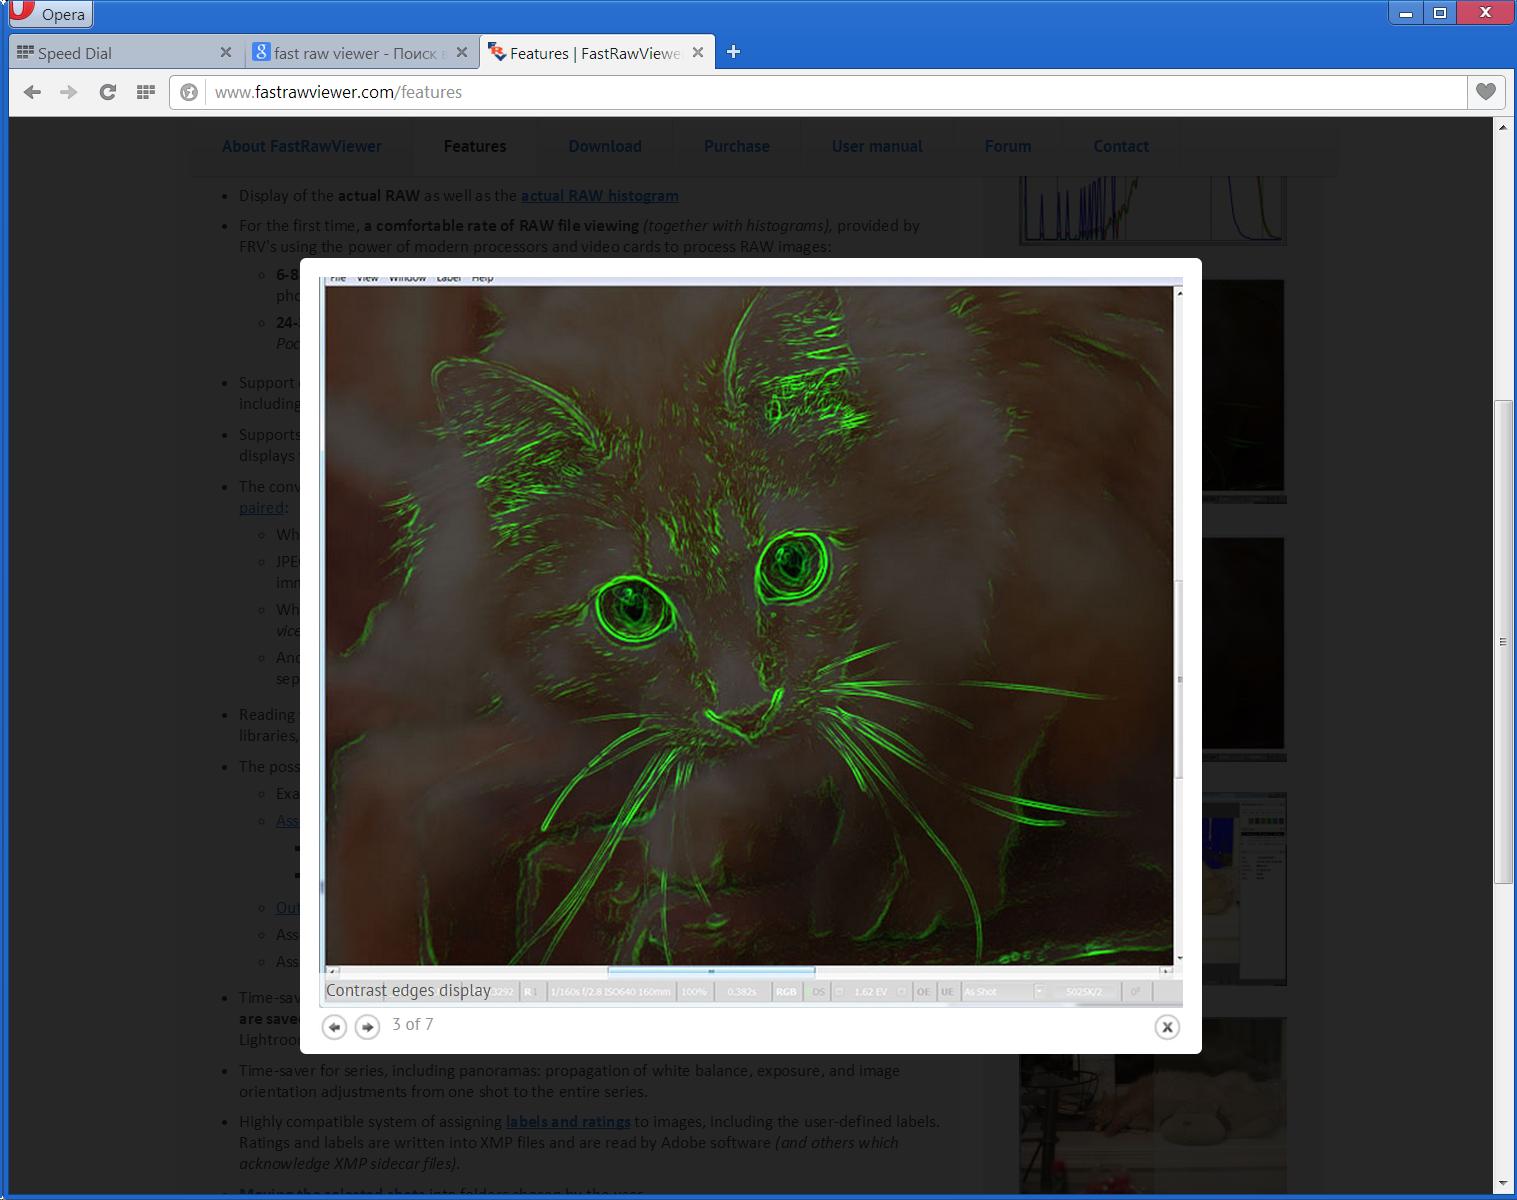 Schnelle Anzeige von RAW - FastRawViewer - Seite 2 - DSLR-Forum